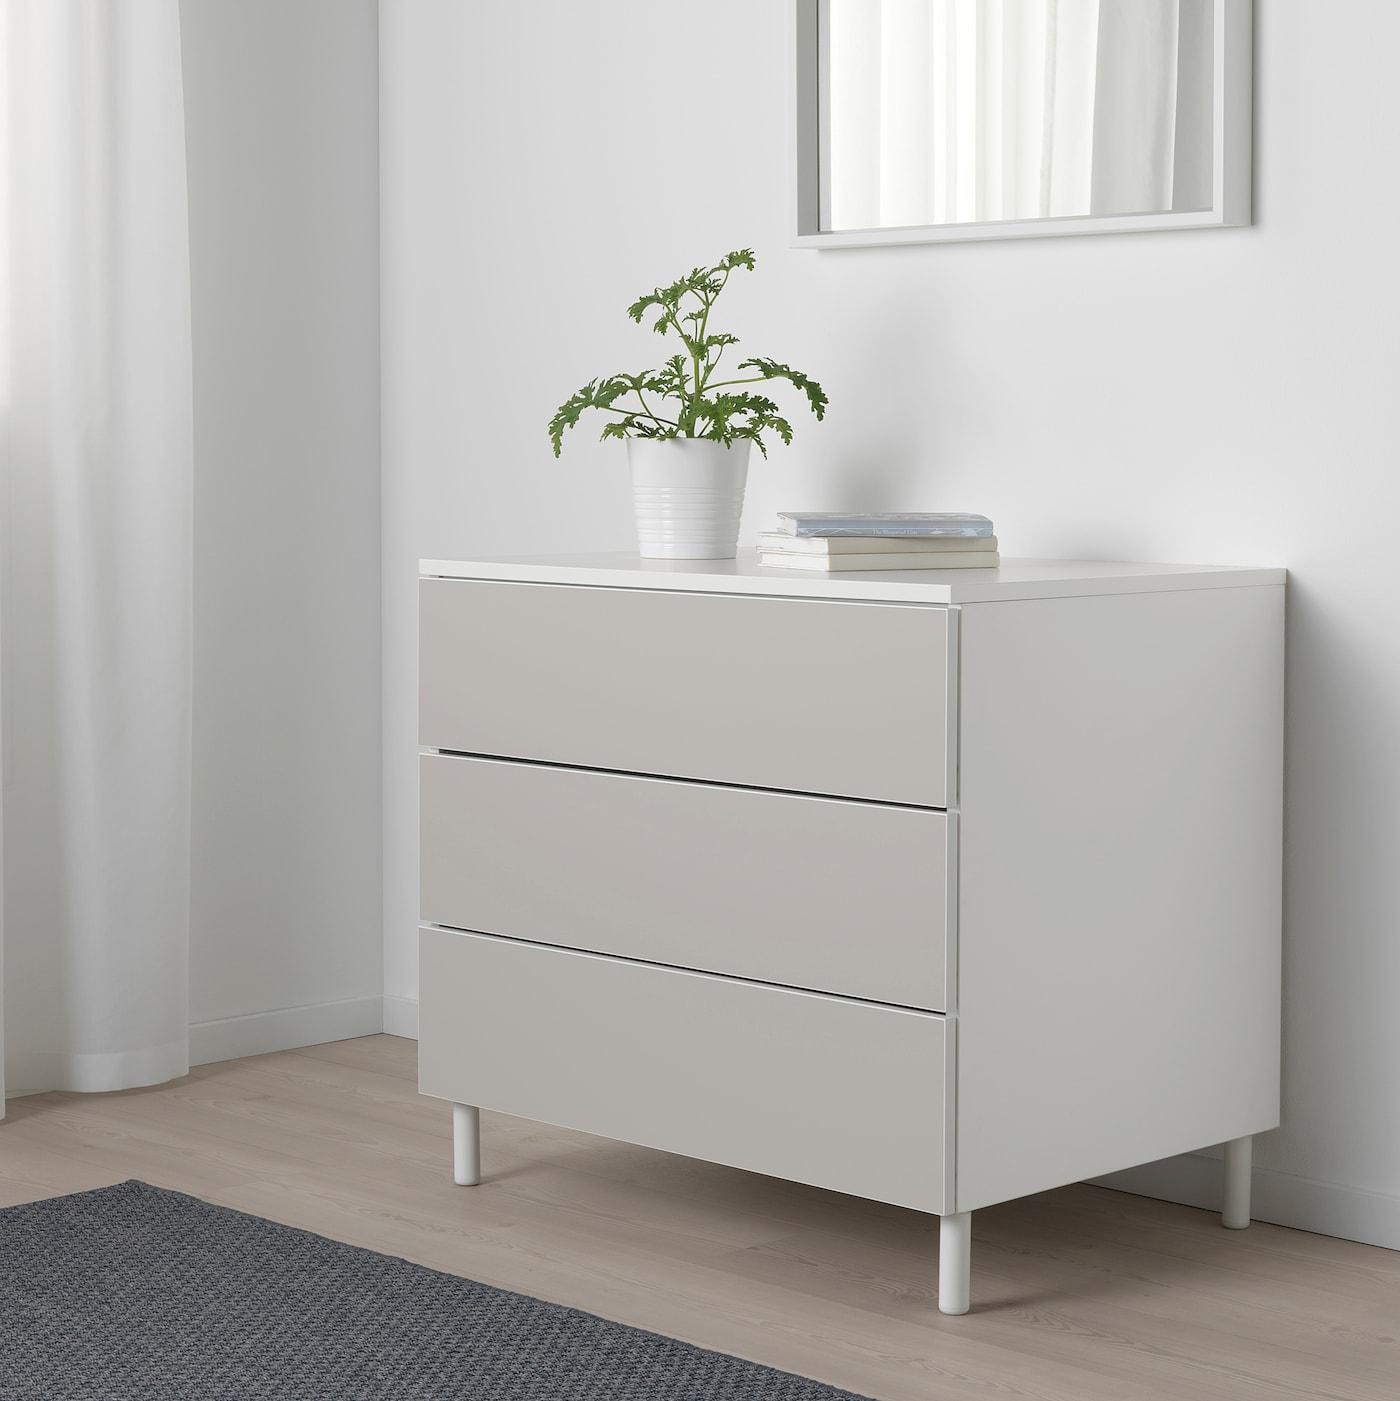 PLATSA Komoda s 3 zásuvkami, biela/Skatval svetlosivá, 80x57x73 cm